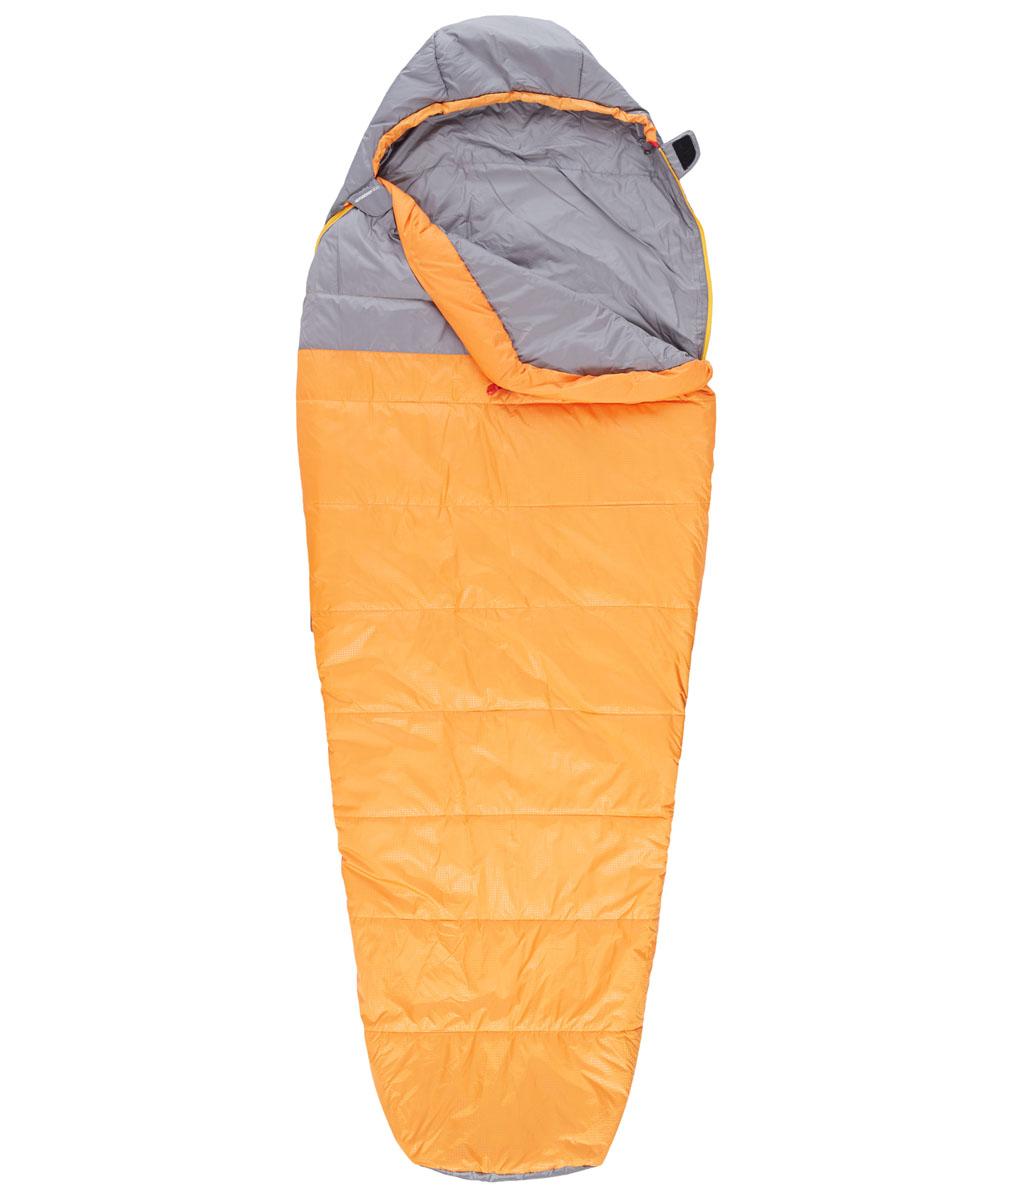 Мешок спальный The North Face Aleutian 35/2, цвет: оранжевый, серый, левосторонняя молнияT0A3A4M5RLH REGThe North Face Aleutian 35/2 - это трехсезонный спальный мешок для путешествий, который можно целиком расстегнуть и расстелить в палатке. Этот спальный мешок очень вместительный, универсальный, теплый, комфортный и при этом практичный. Спальный мешок упакован в удобный чехол для переноски.Длина мешка: 183 см.Вес наполнителя: 517 г.Что взять с собой в поход?. Статья OZON Гид